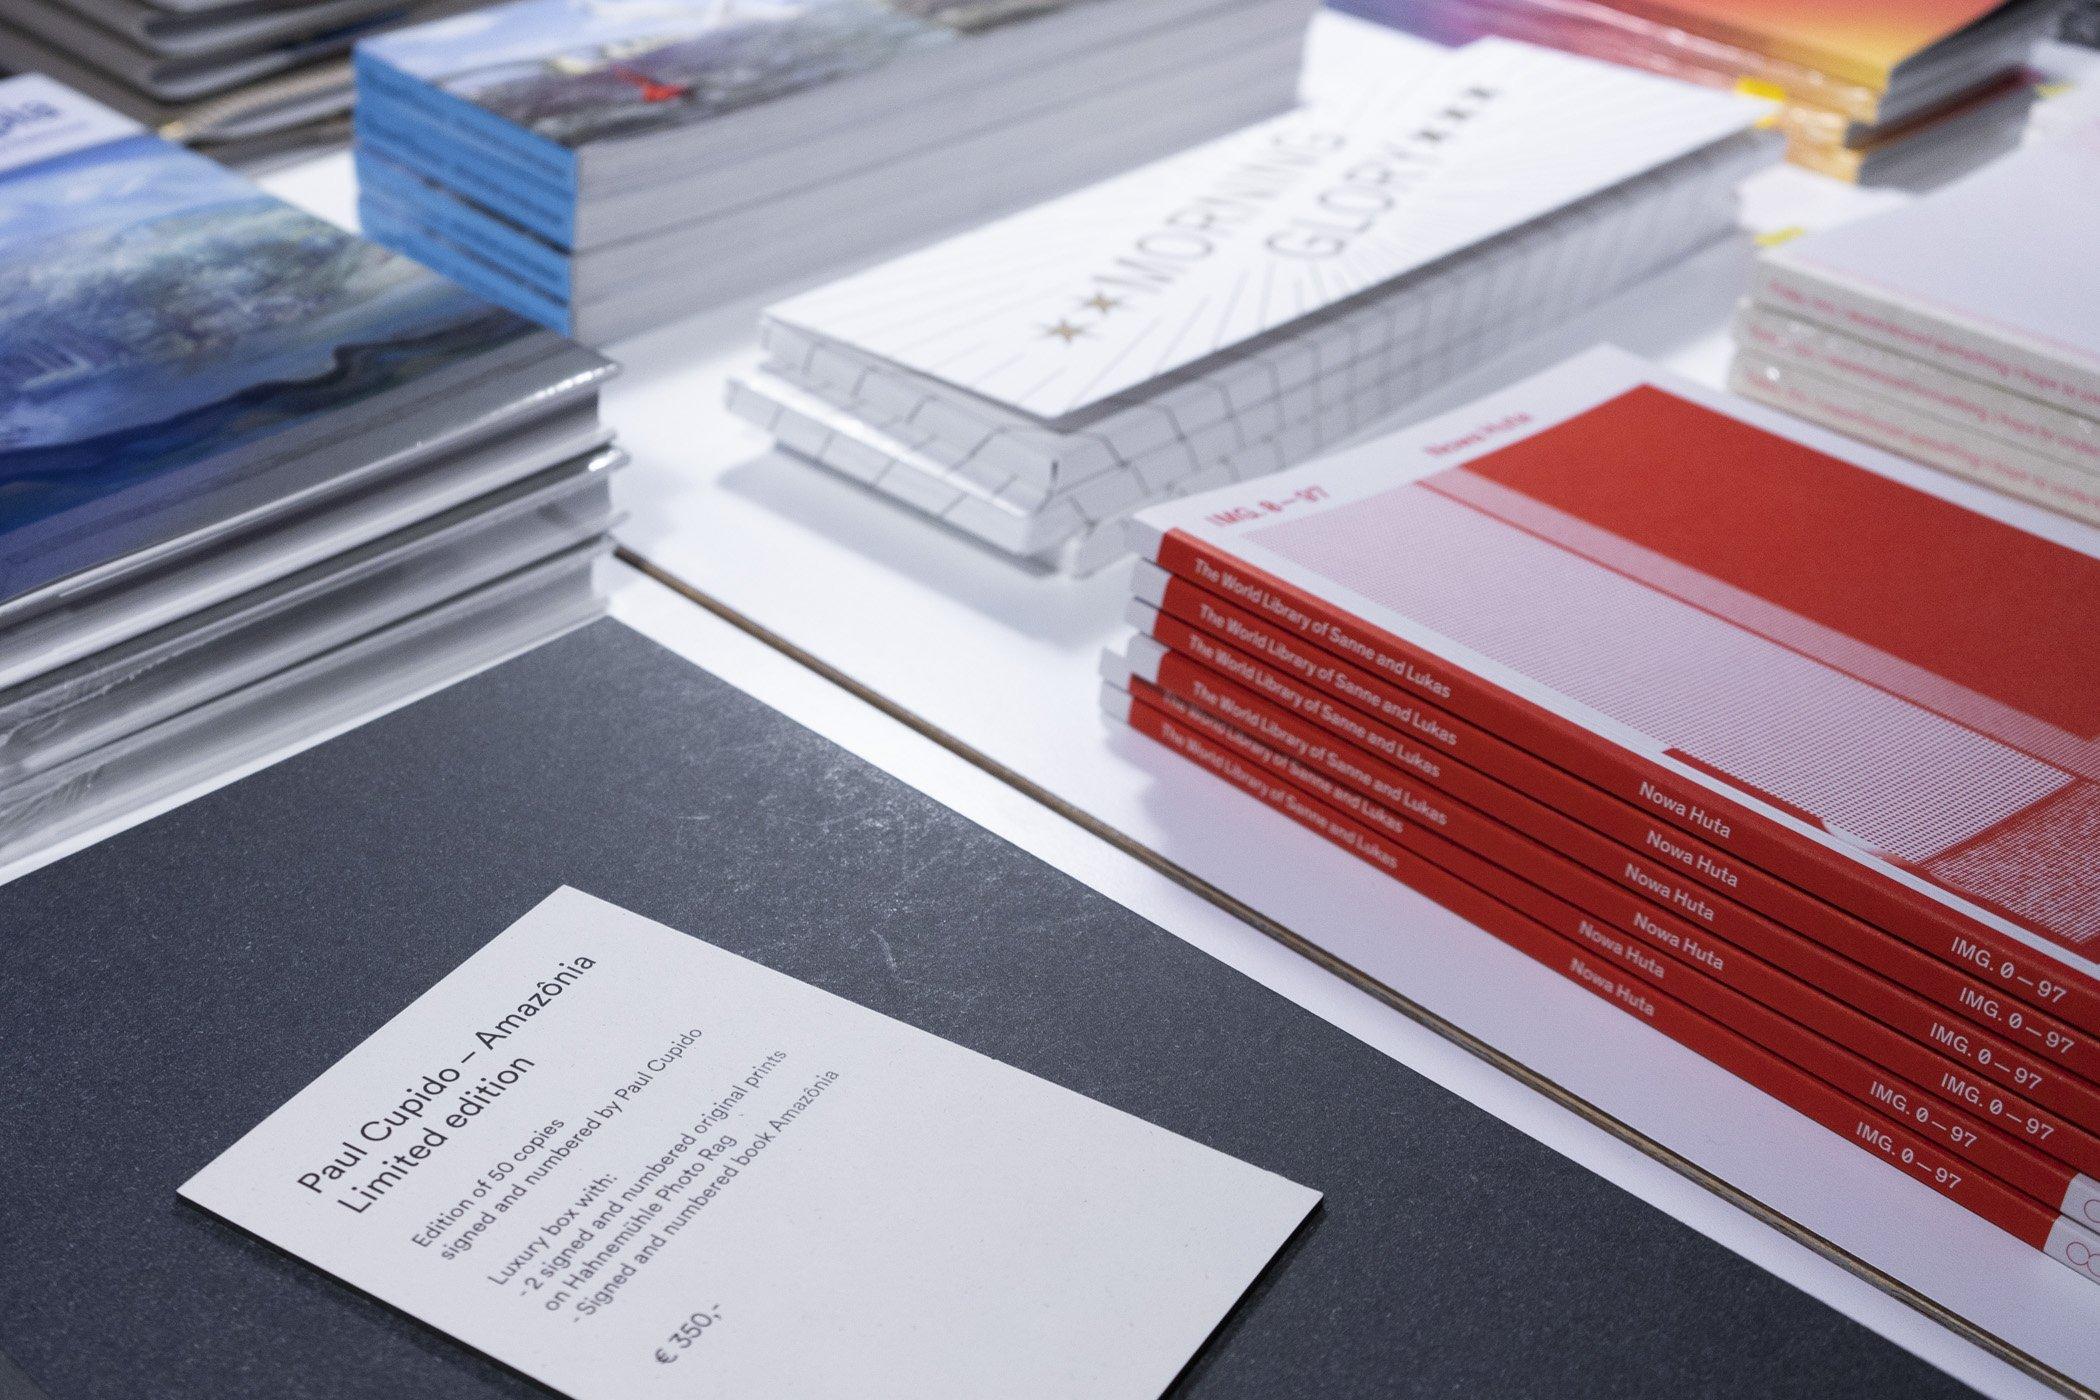 Close up boeken op de kerstborrel van de Monsterkamer met DIABP en de Fotograaf des Vaderlands